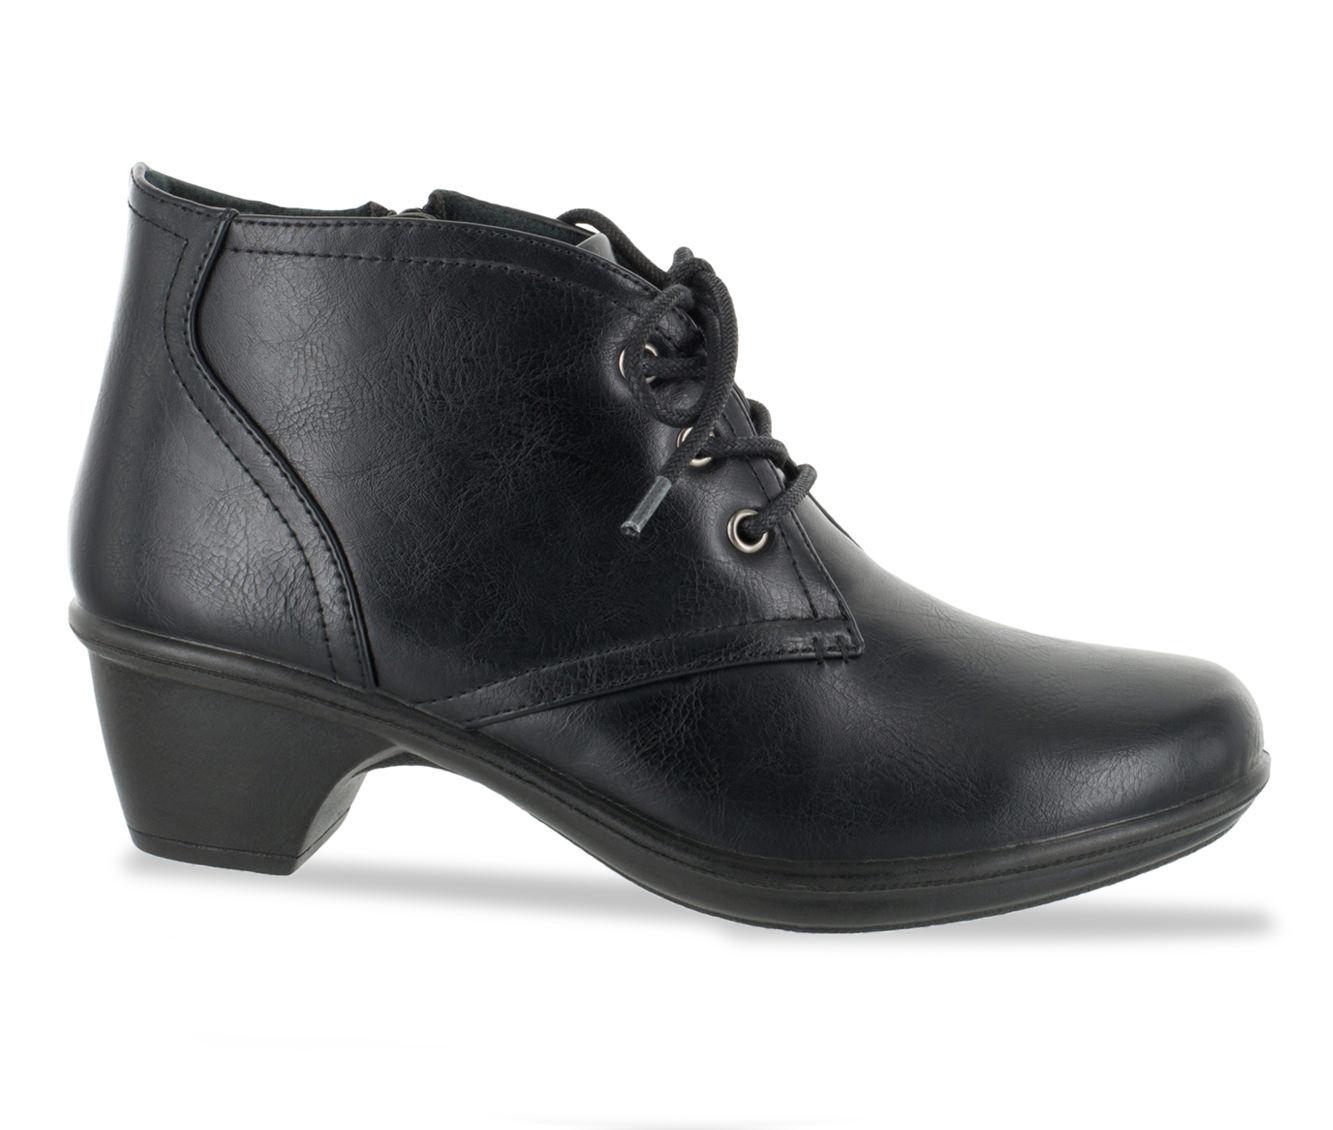 Women's Easy Street Debbie Shoes Black